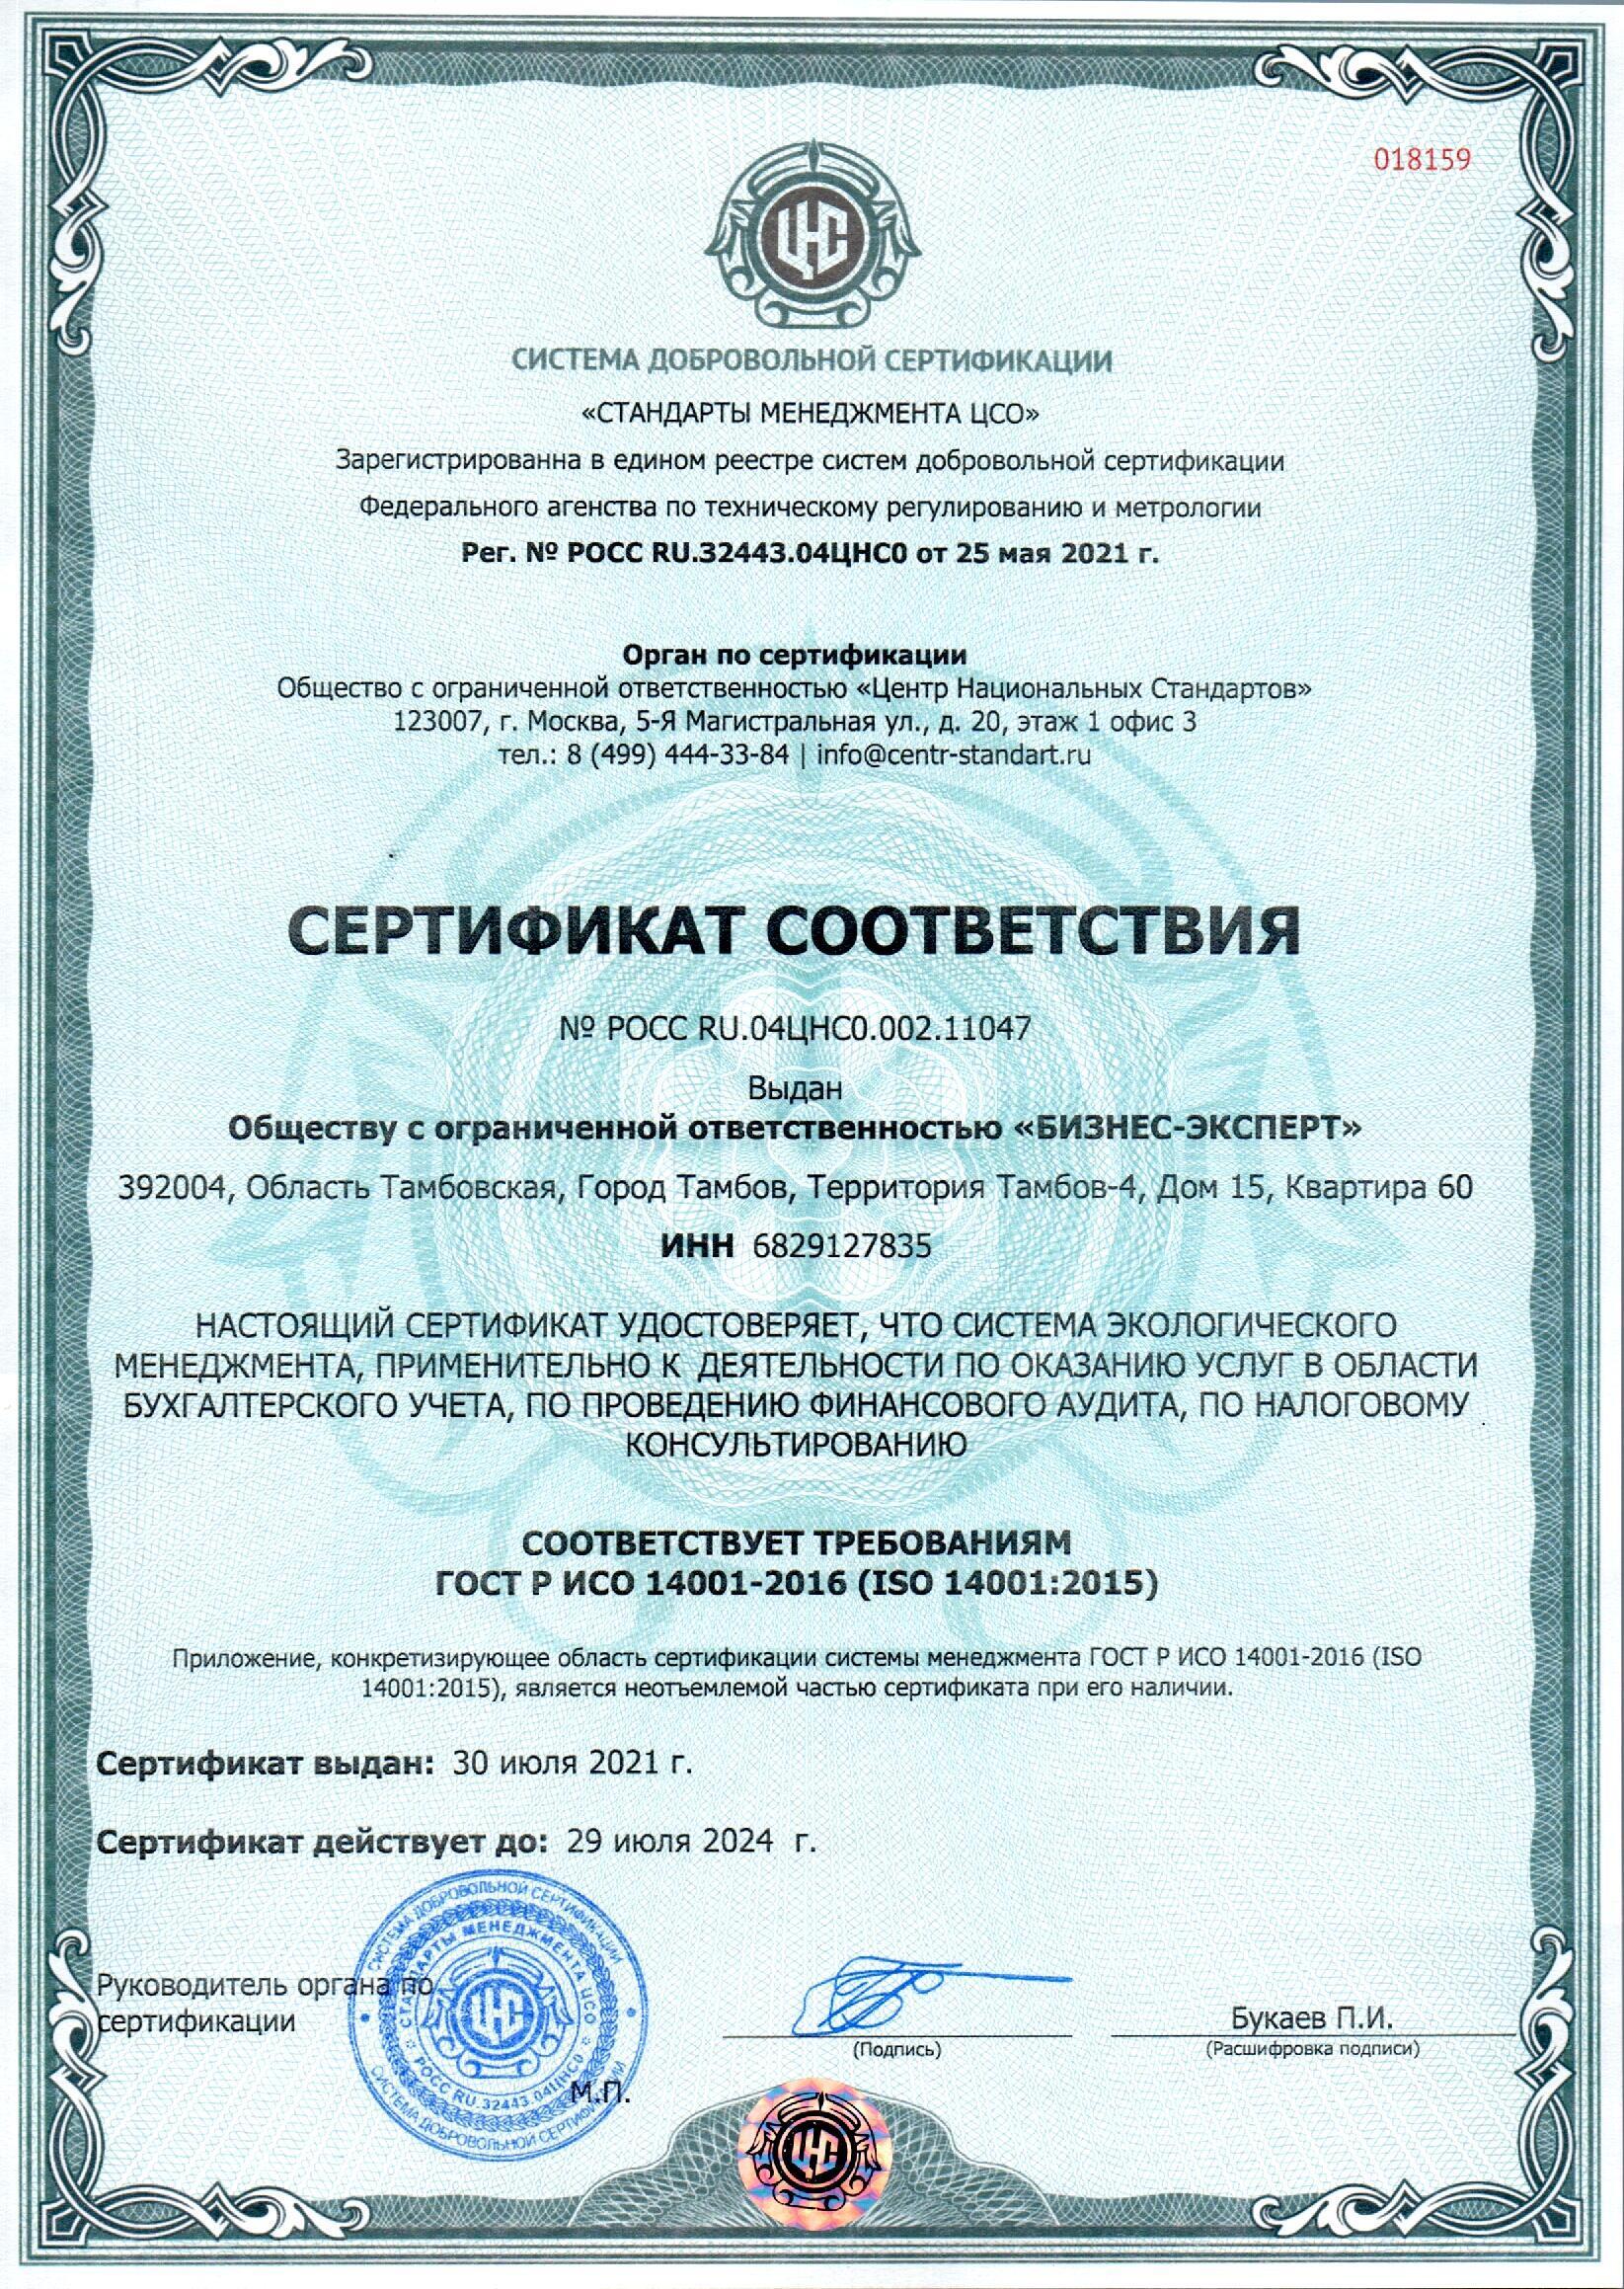 РОСС_RU.04ЦНС0.002.11047